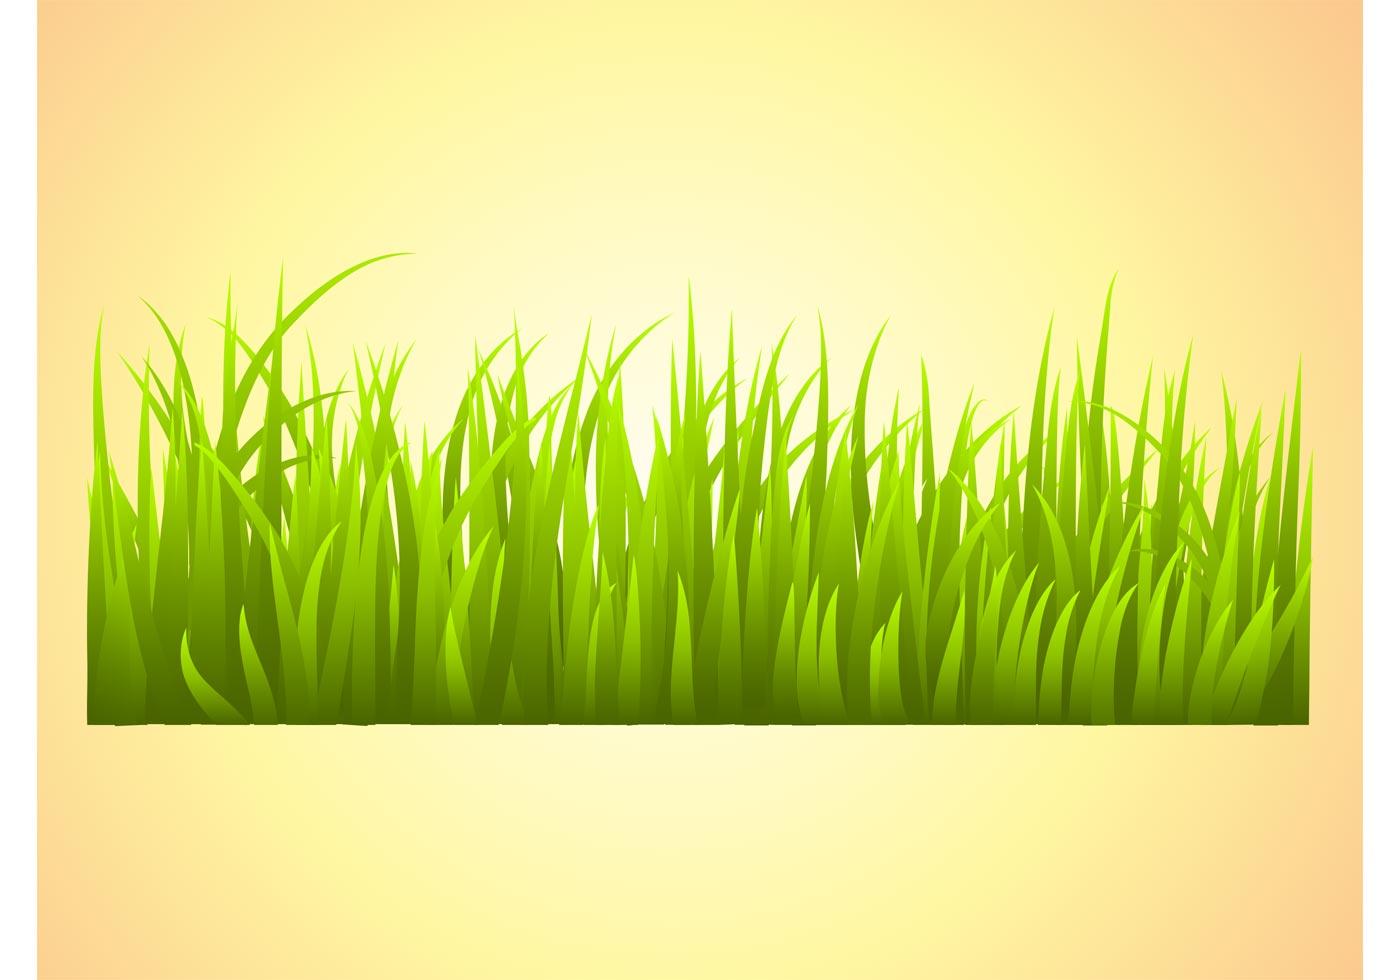 Grass Free Vector Art.